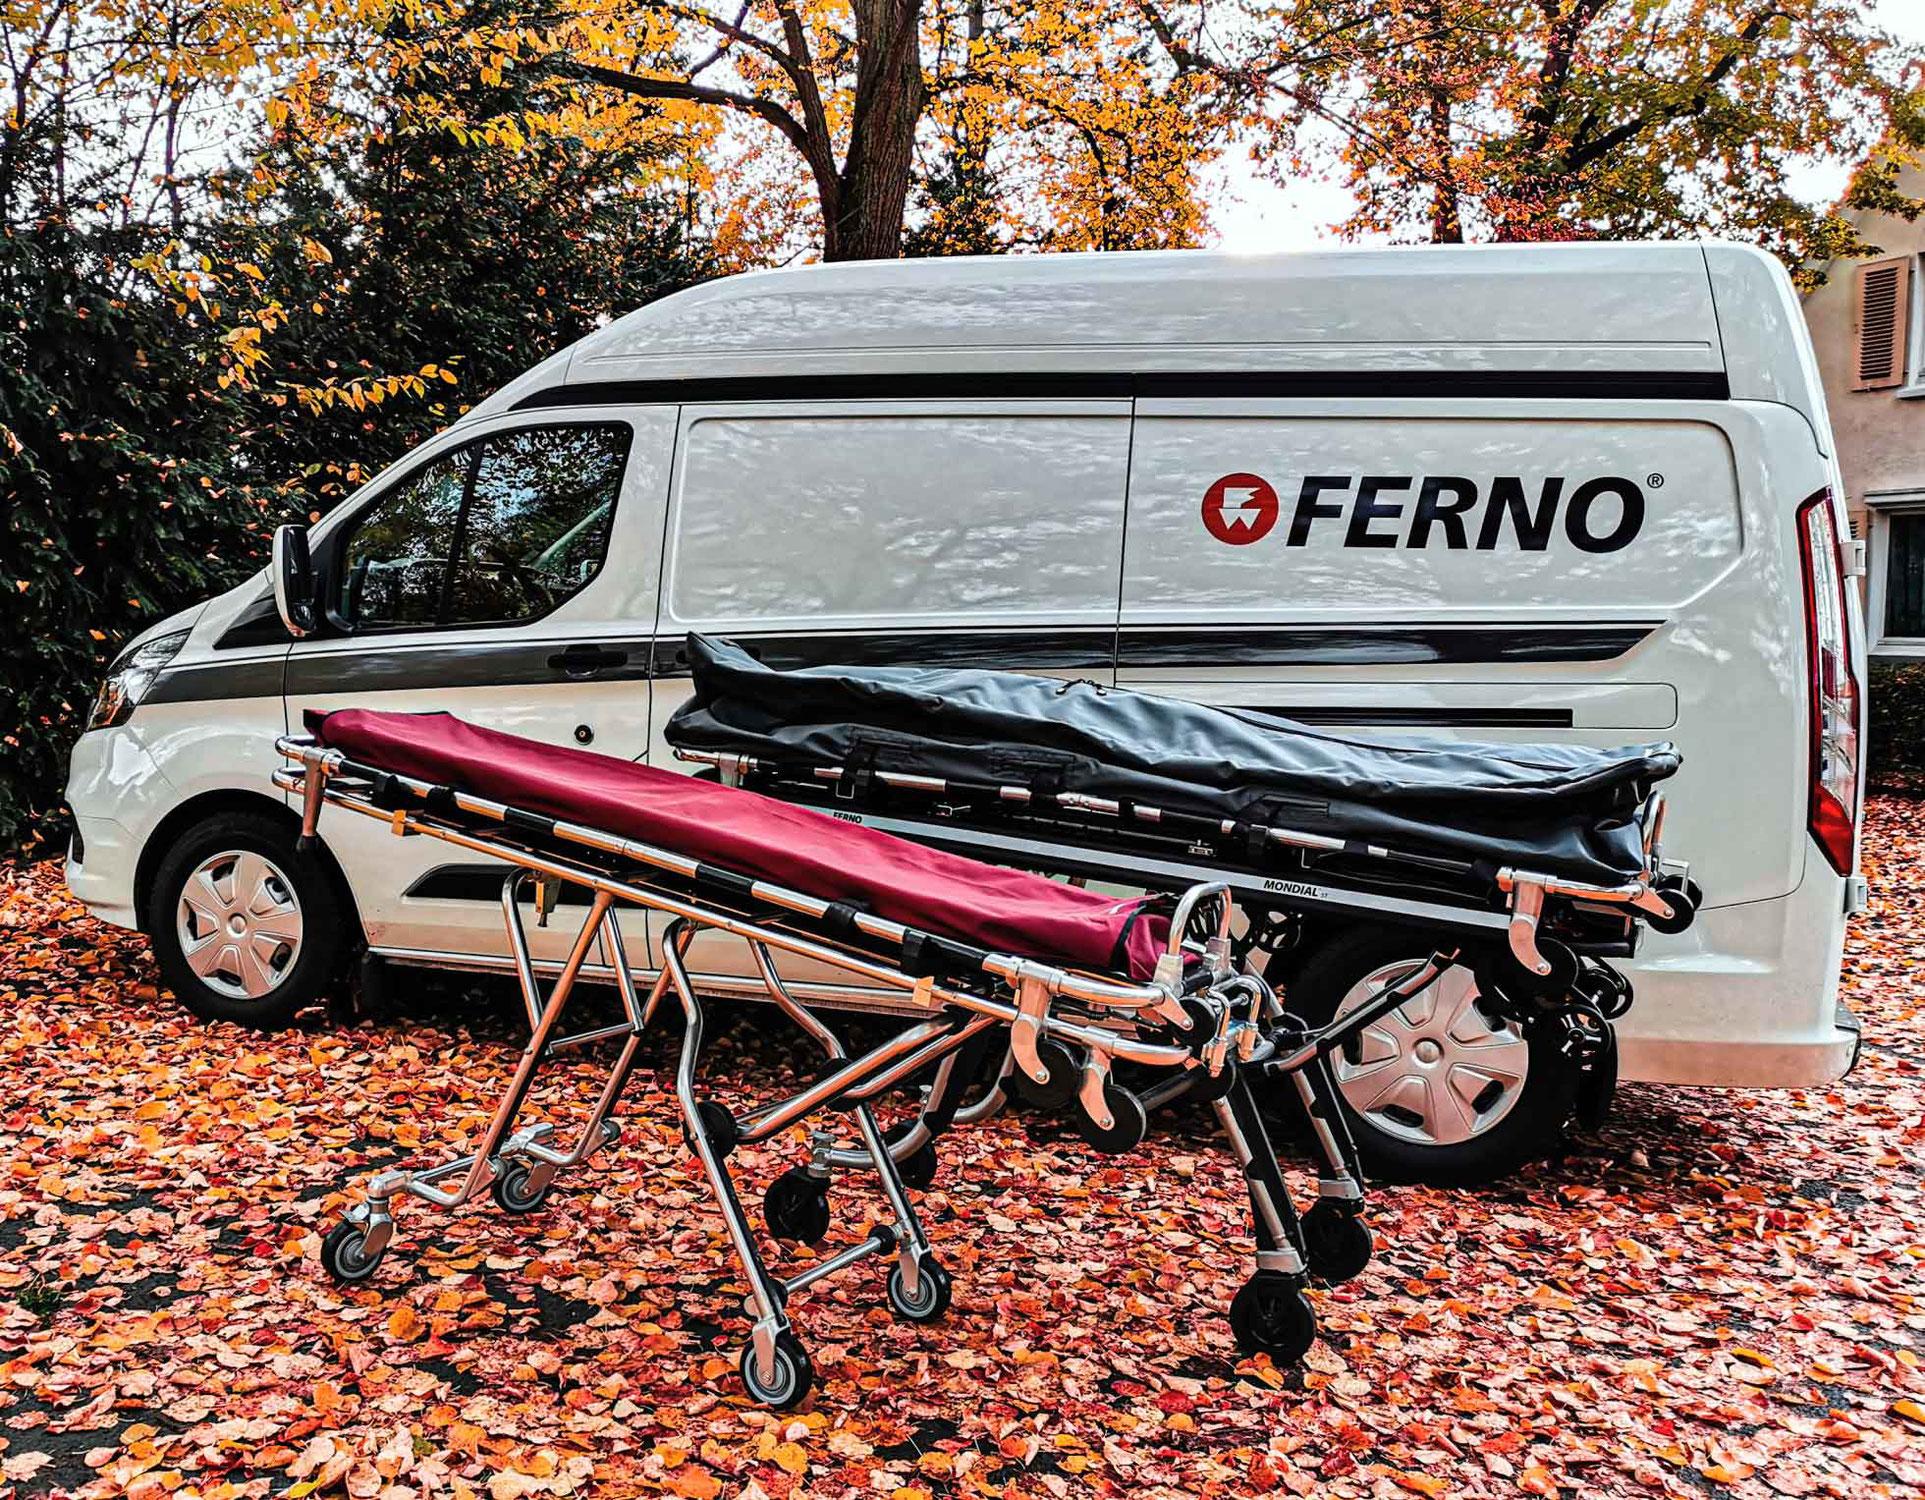 Ferno Transportgeräte ist Partner des Hessischen Bestattertags